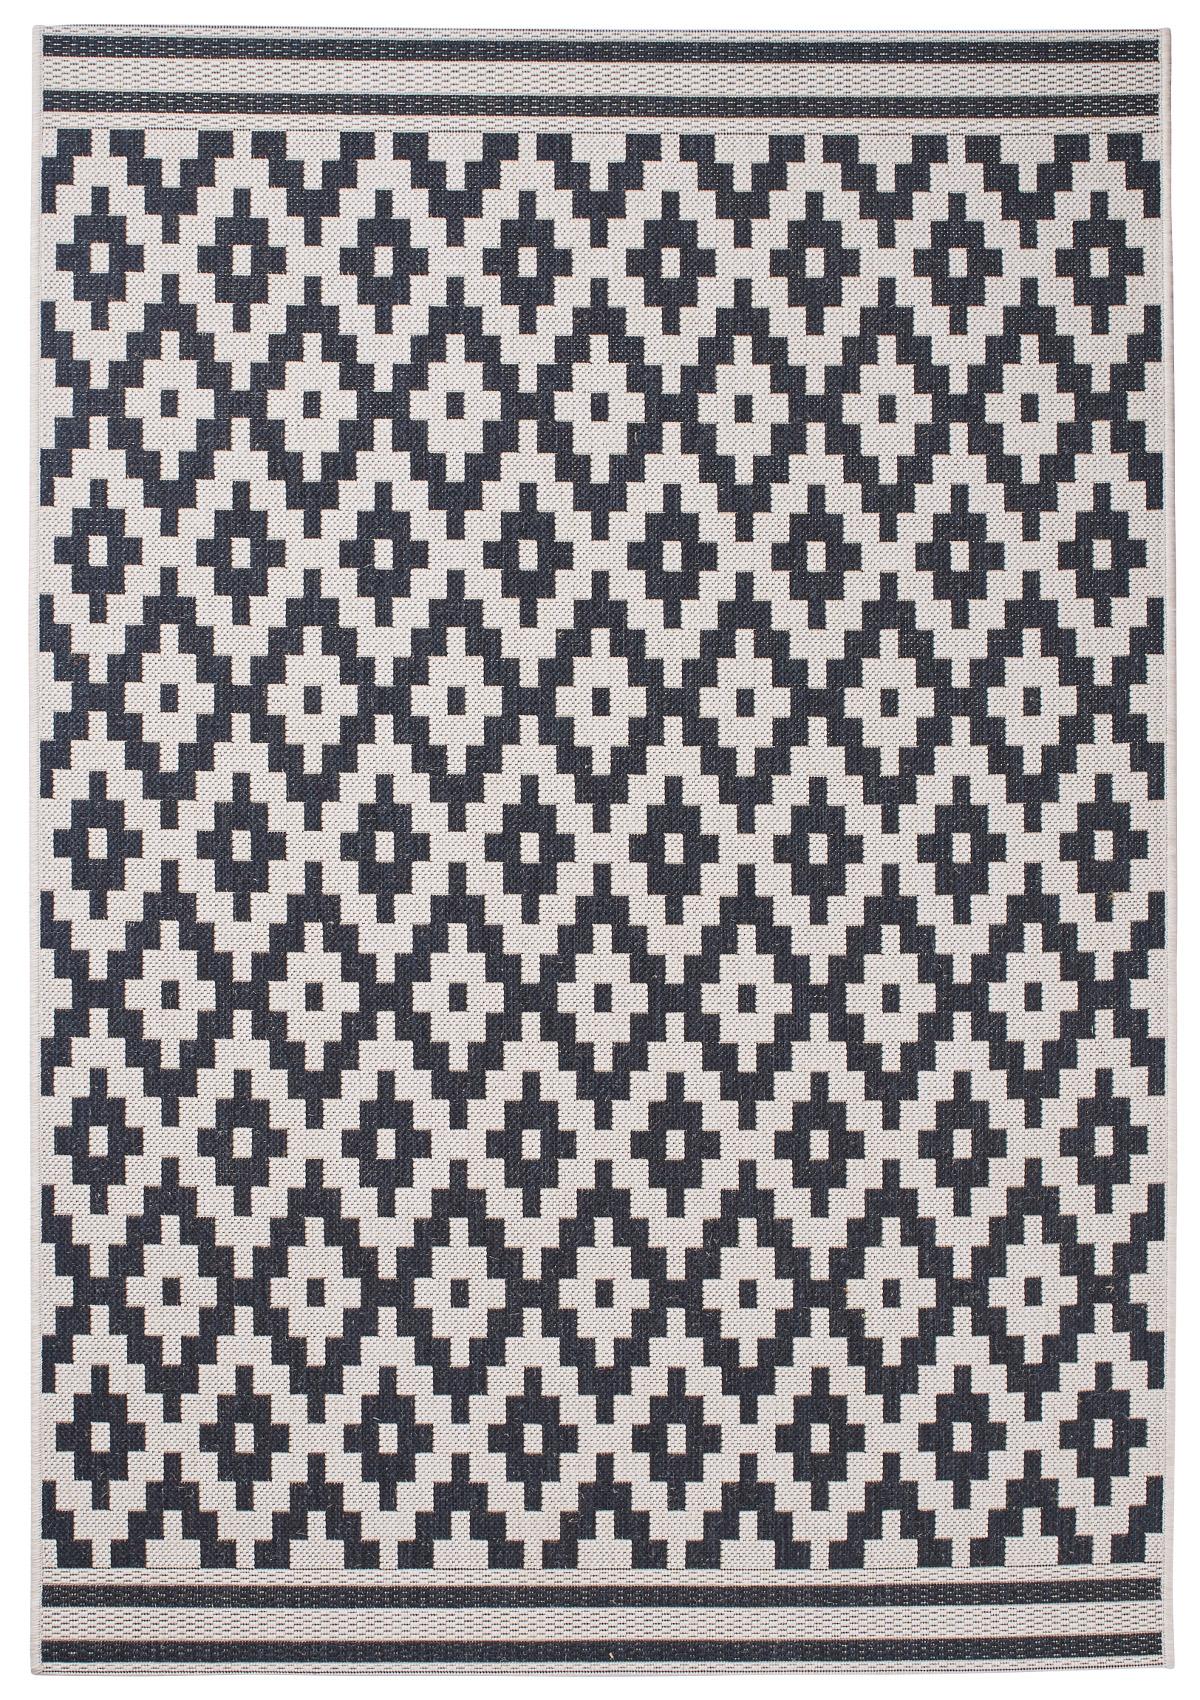 Wool Black Diamond Pattern Rug Machine Made 100 Polypropylene